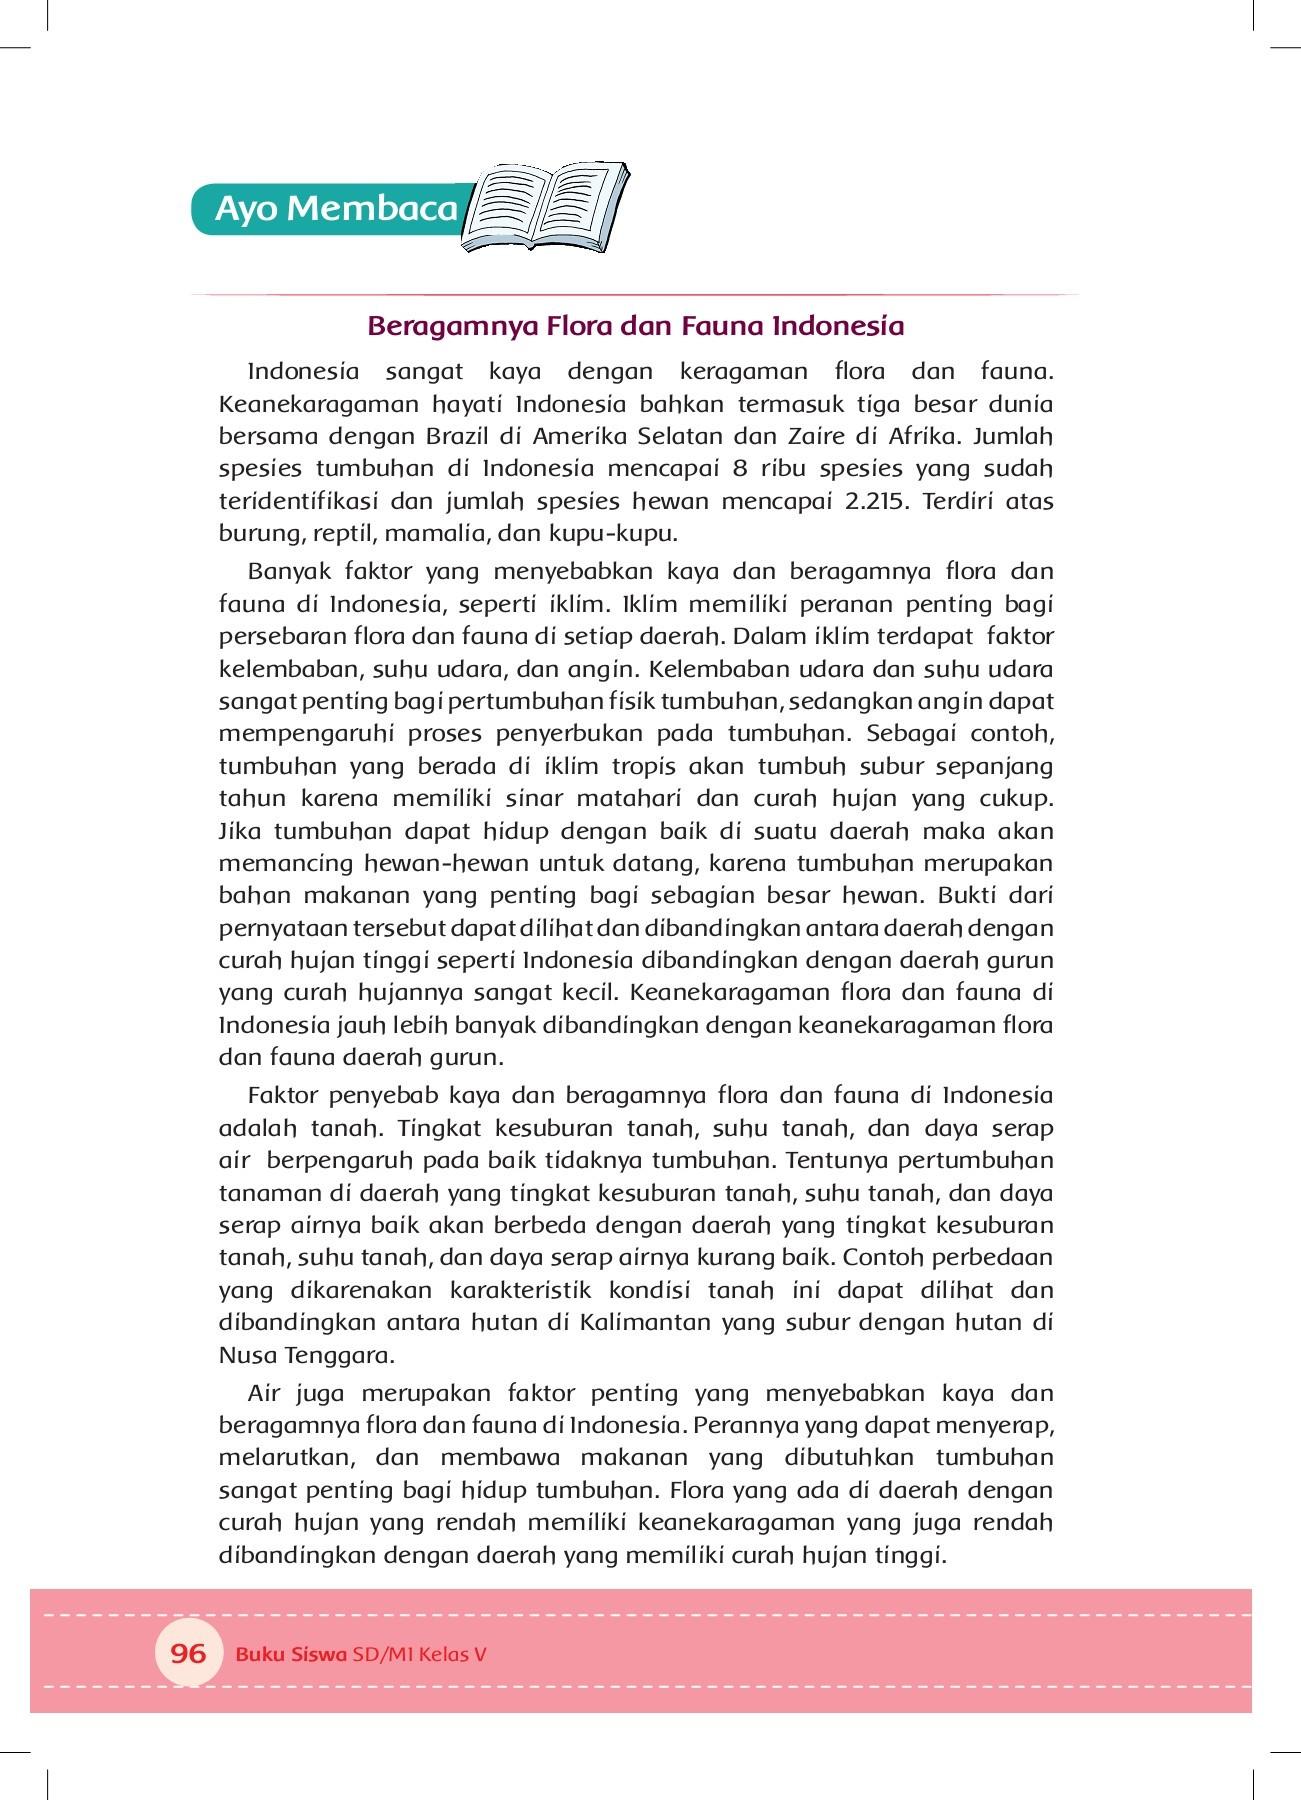 Penyebab Beragamnya Flora Dan Fauna Di Indonesia Adalah : penyebab, beragamnya, flora, fauna, indonesia, adalah, Kelas, Pages, Download, FlipHTML5